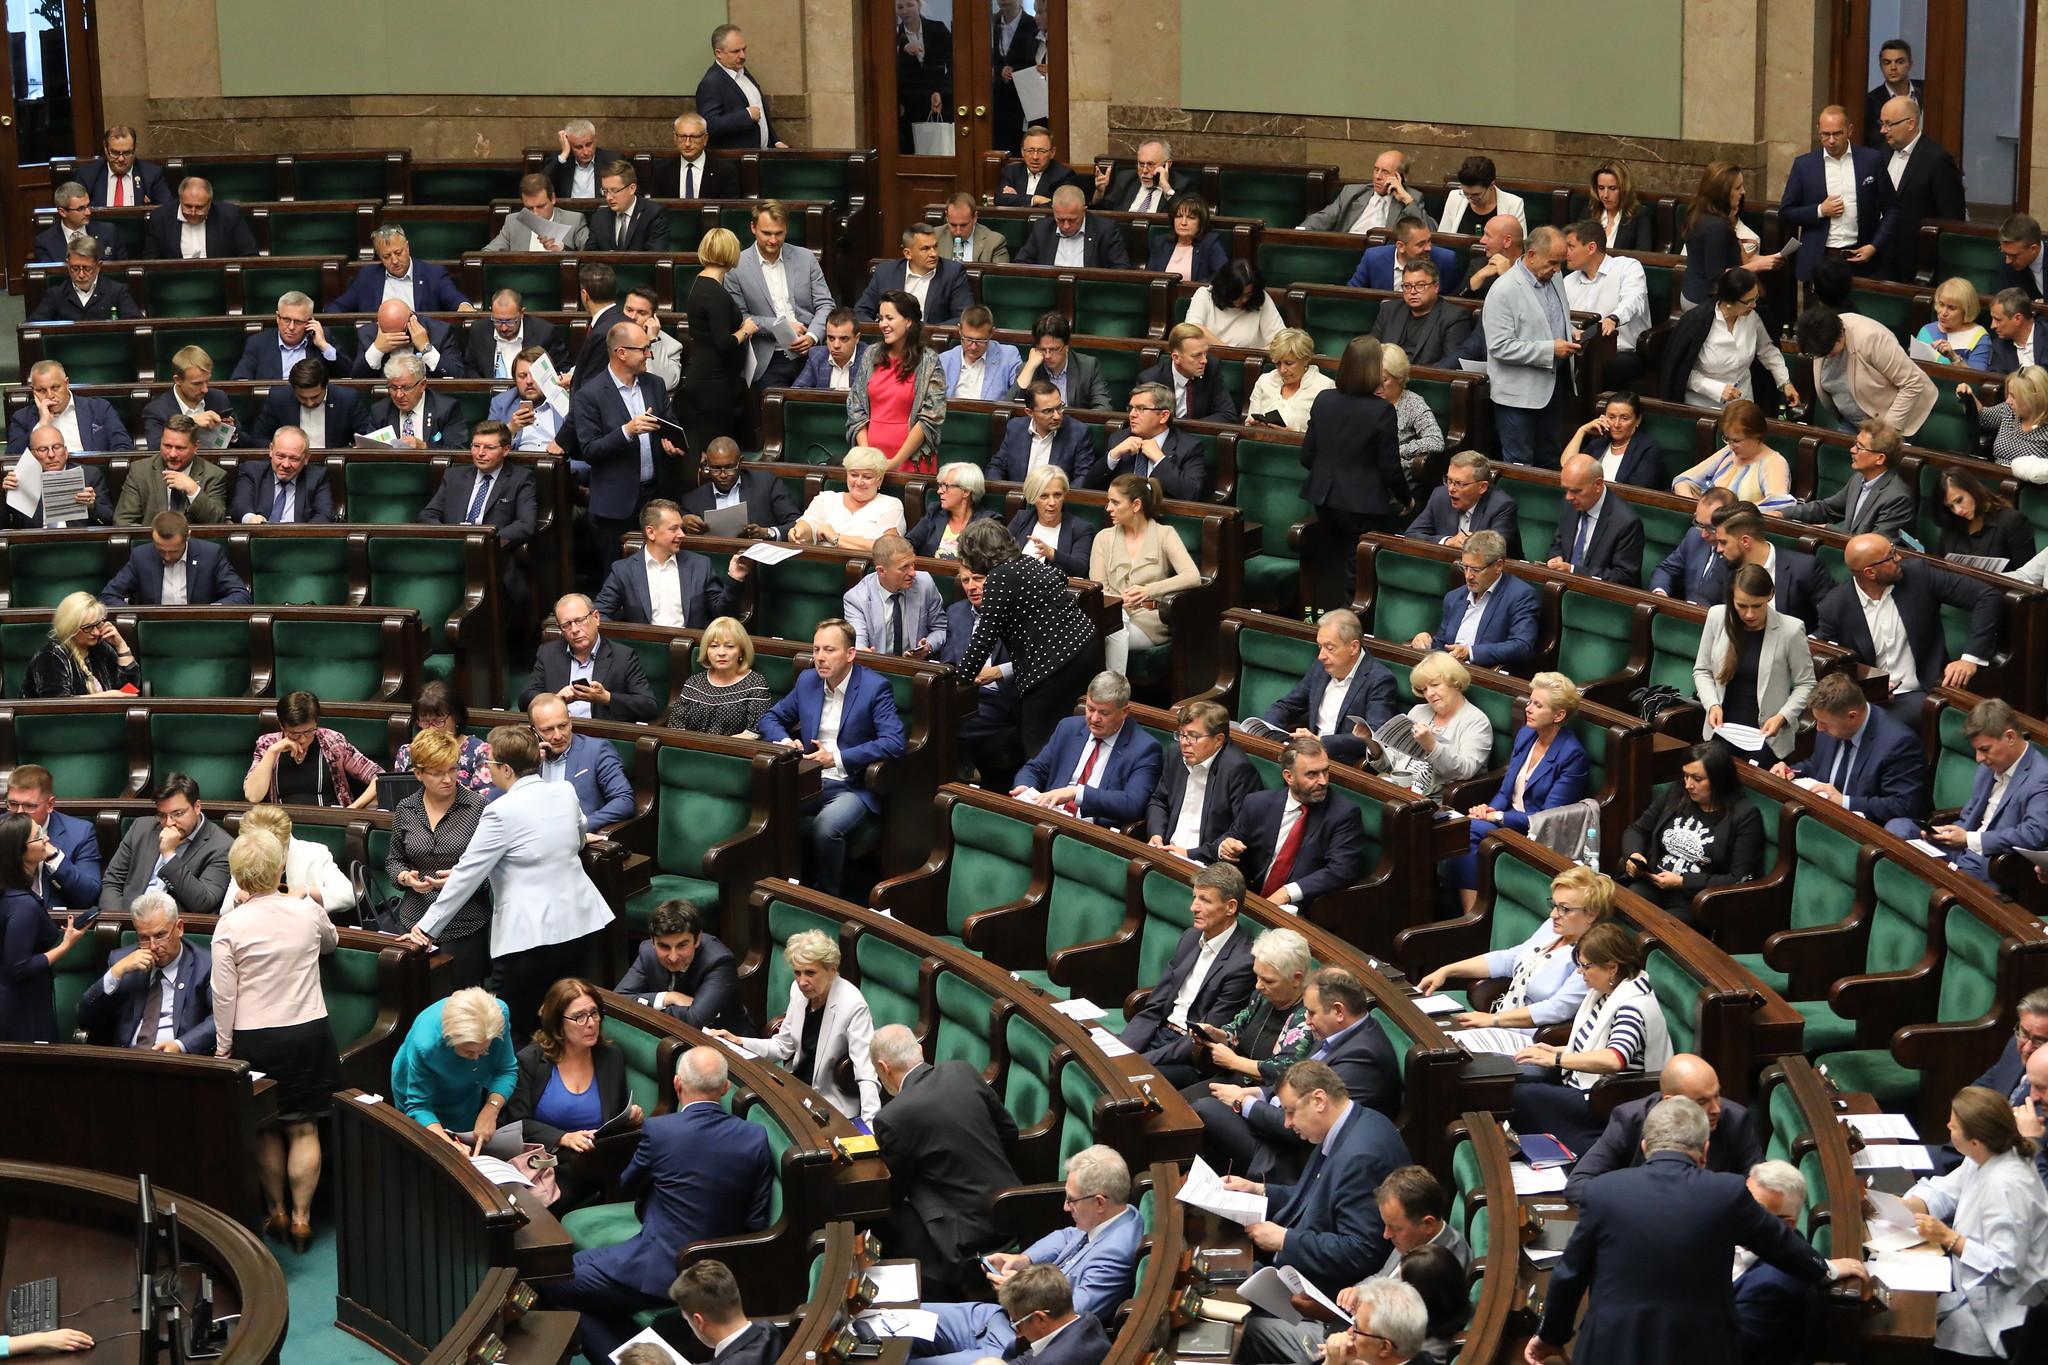 Posłowie na posiedzeniu Sejmu w lipcu. Nim rozpoczną się wakacje parlamentarne przewidywane jest jeszcze jedno posiedzenie w dniach 17, 18 i 19 lipca. (fot. Kancelaria Sejmu RP/flickr.com/CC)